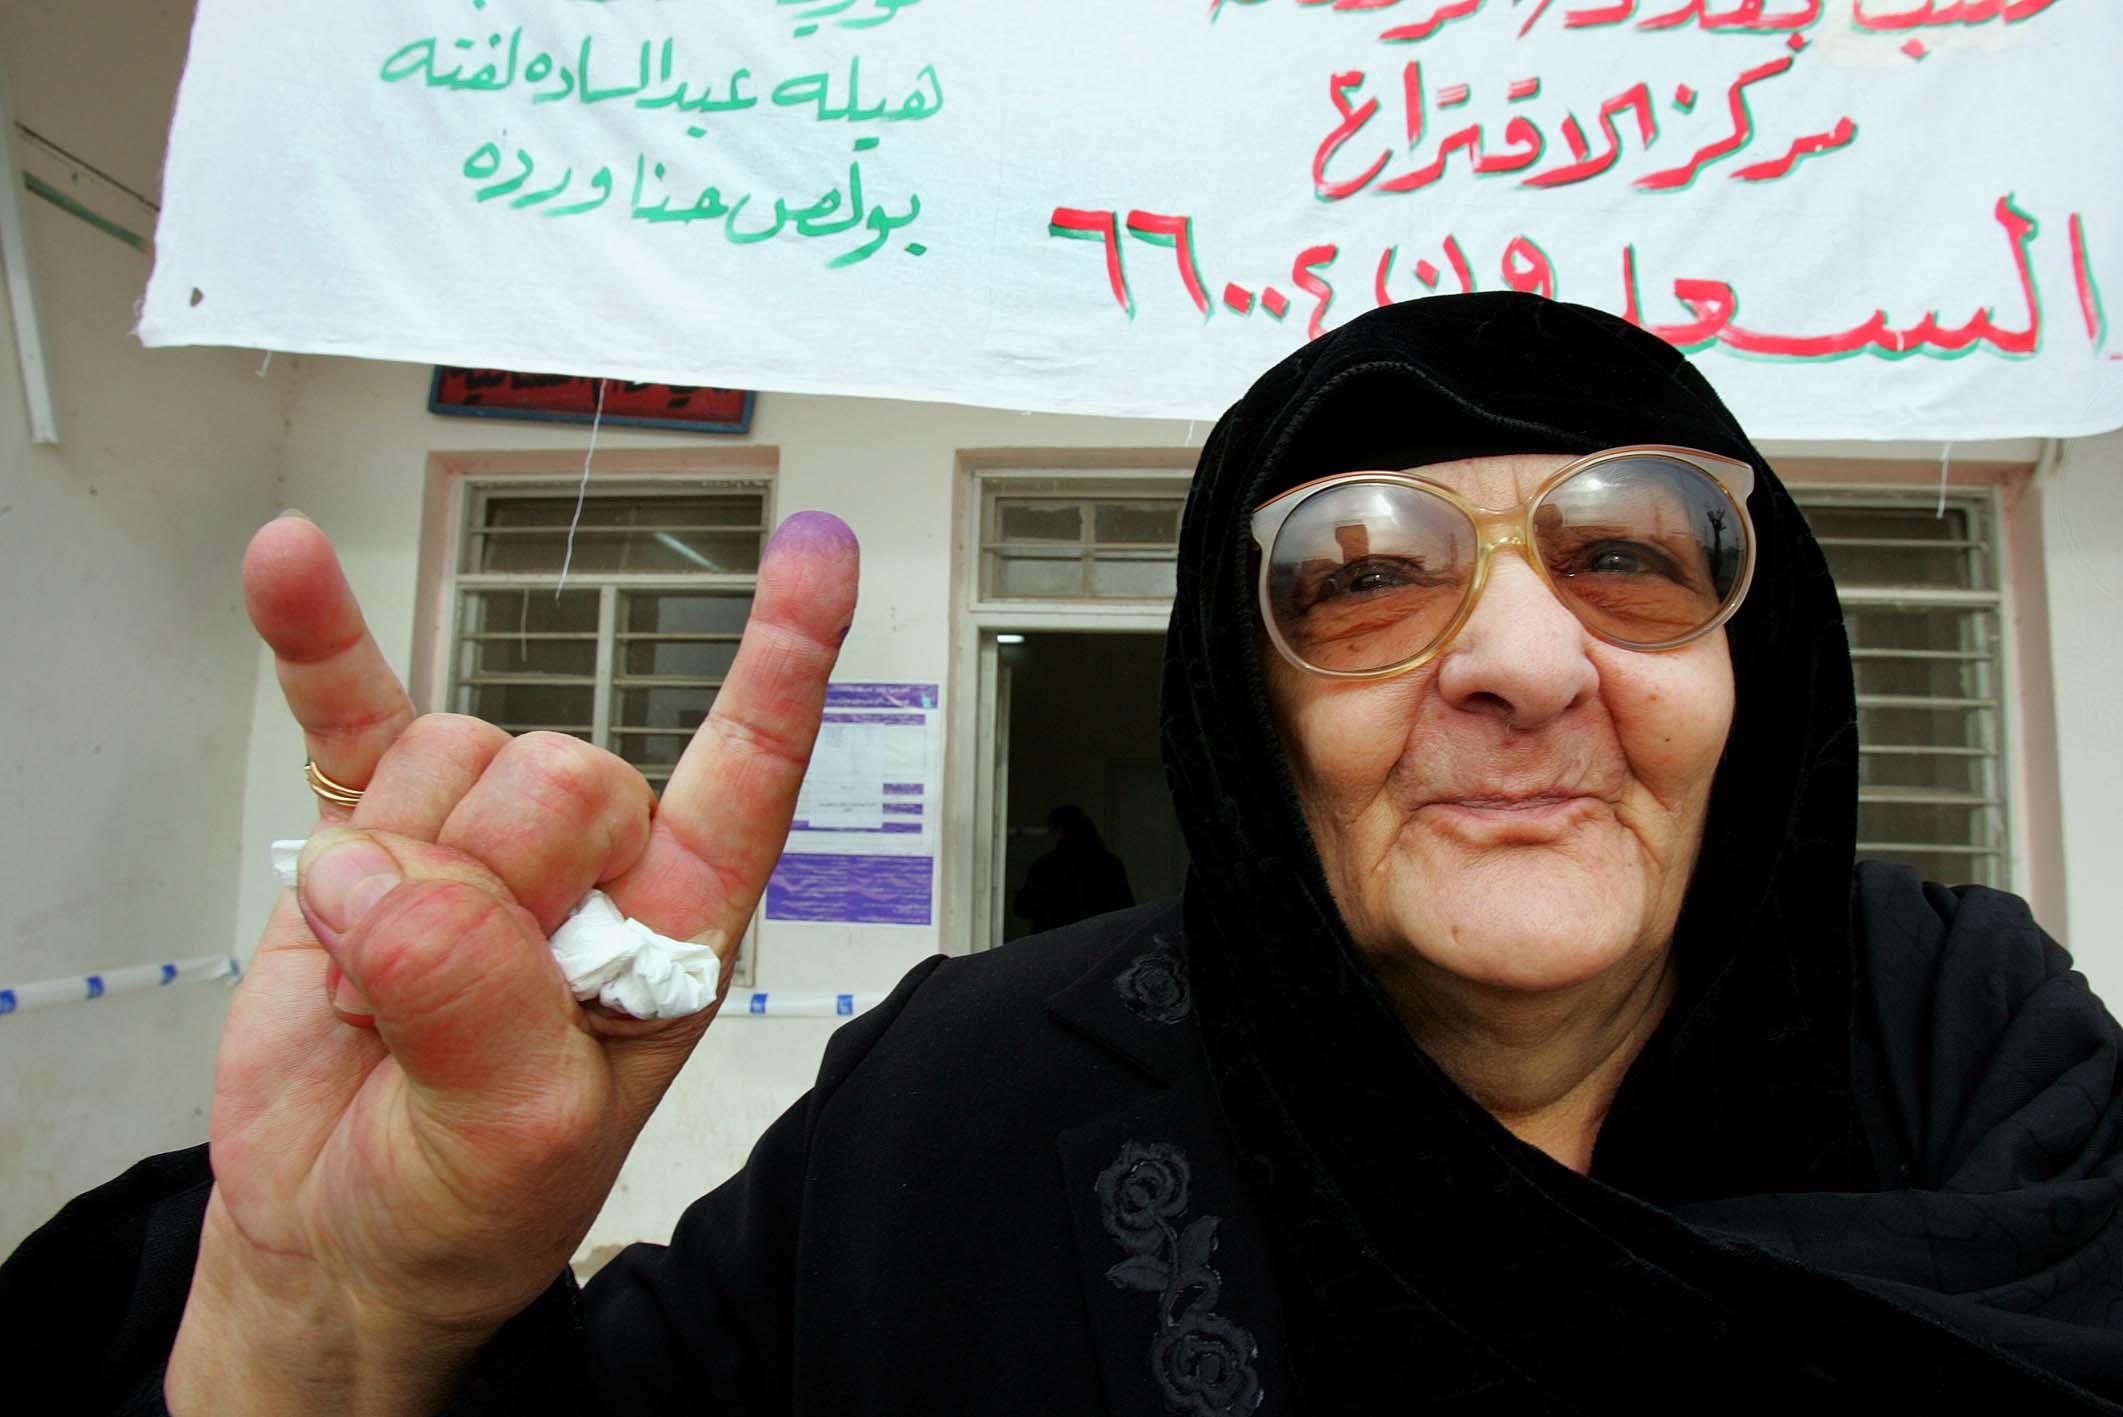 Guerra do Iraque - Eleições 2005